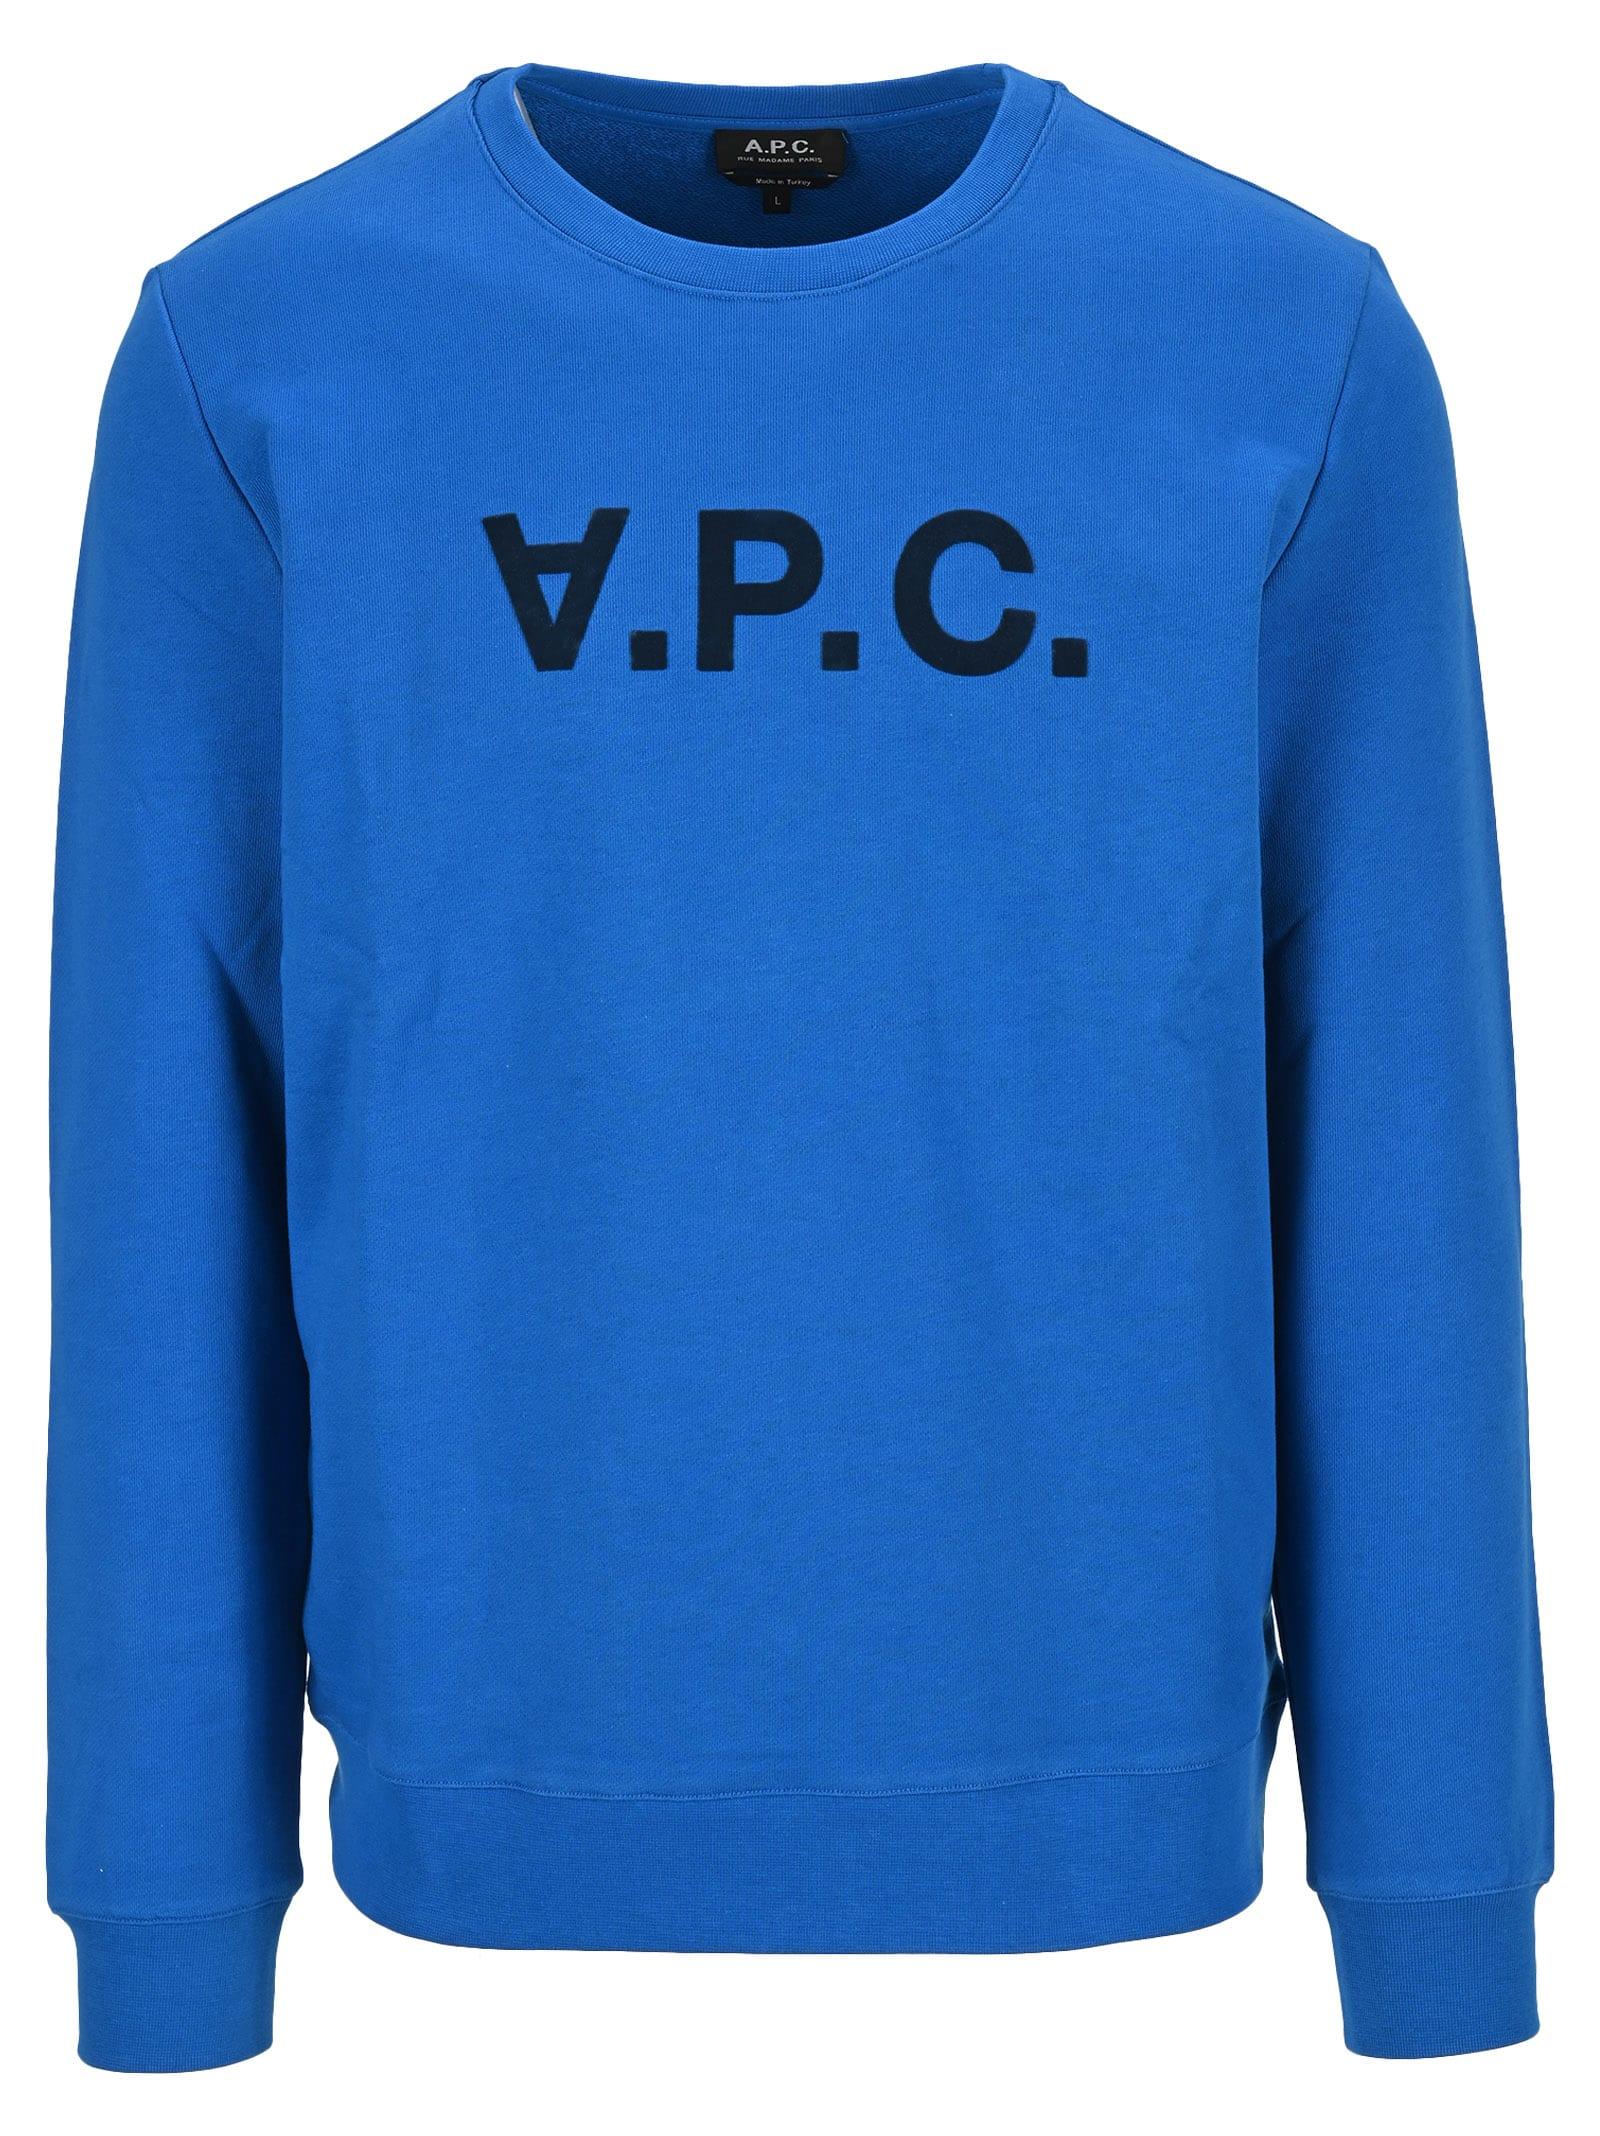 A.p.c. Cottons A.P.C. VPC SWEATSHIRT